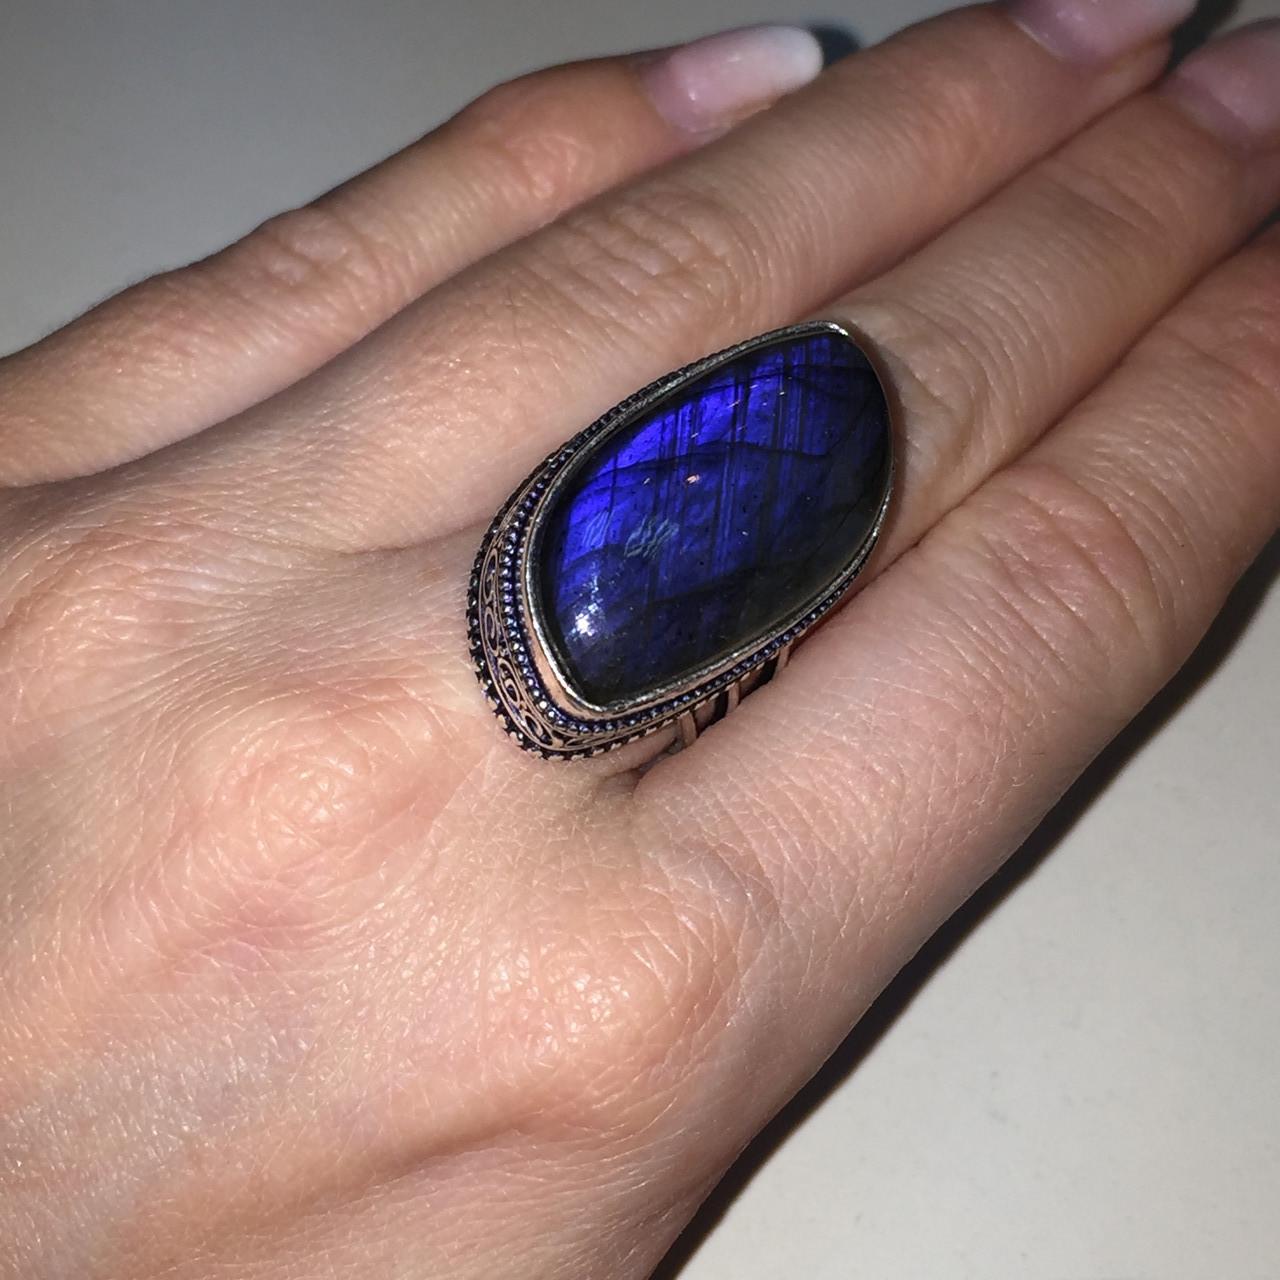 Ультра-синий лабрадор натуральный кольцо лабрадор в серебре. Кольцо с лабрадором 17 размер Индия!